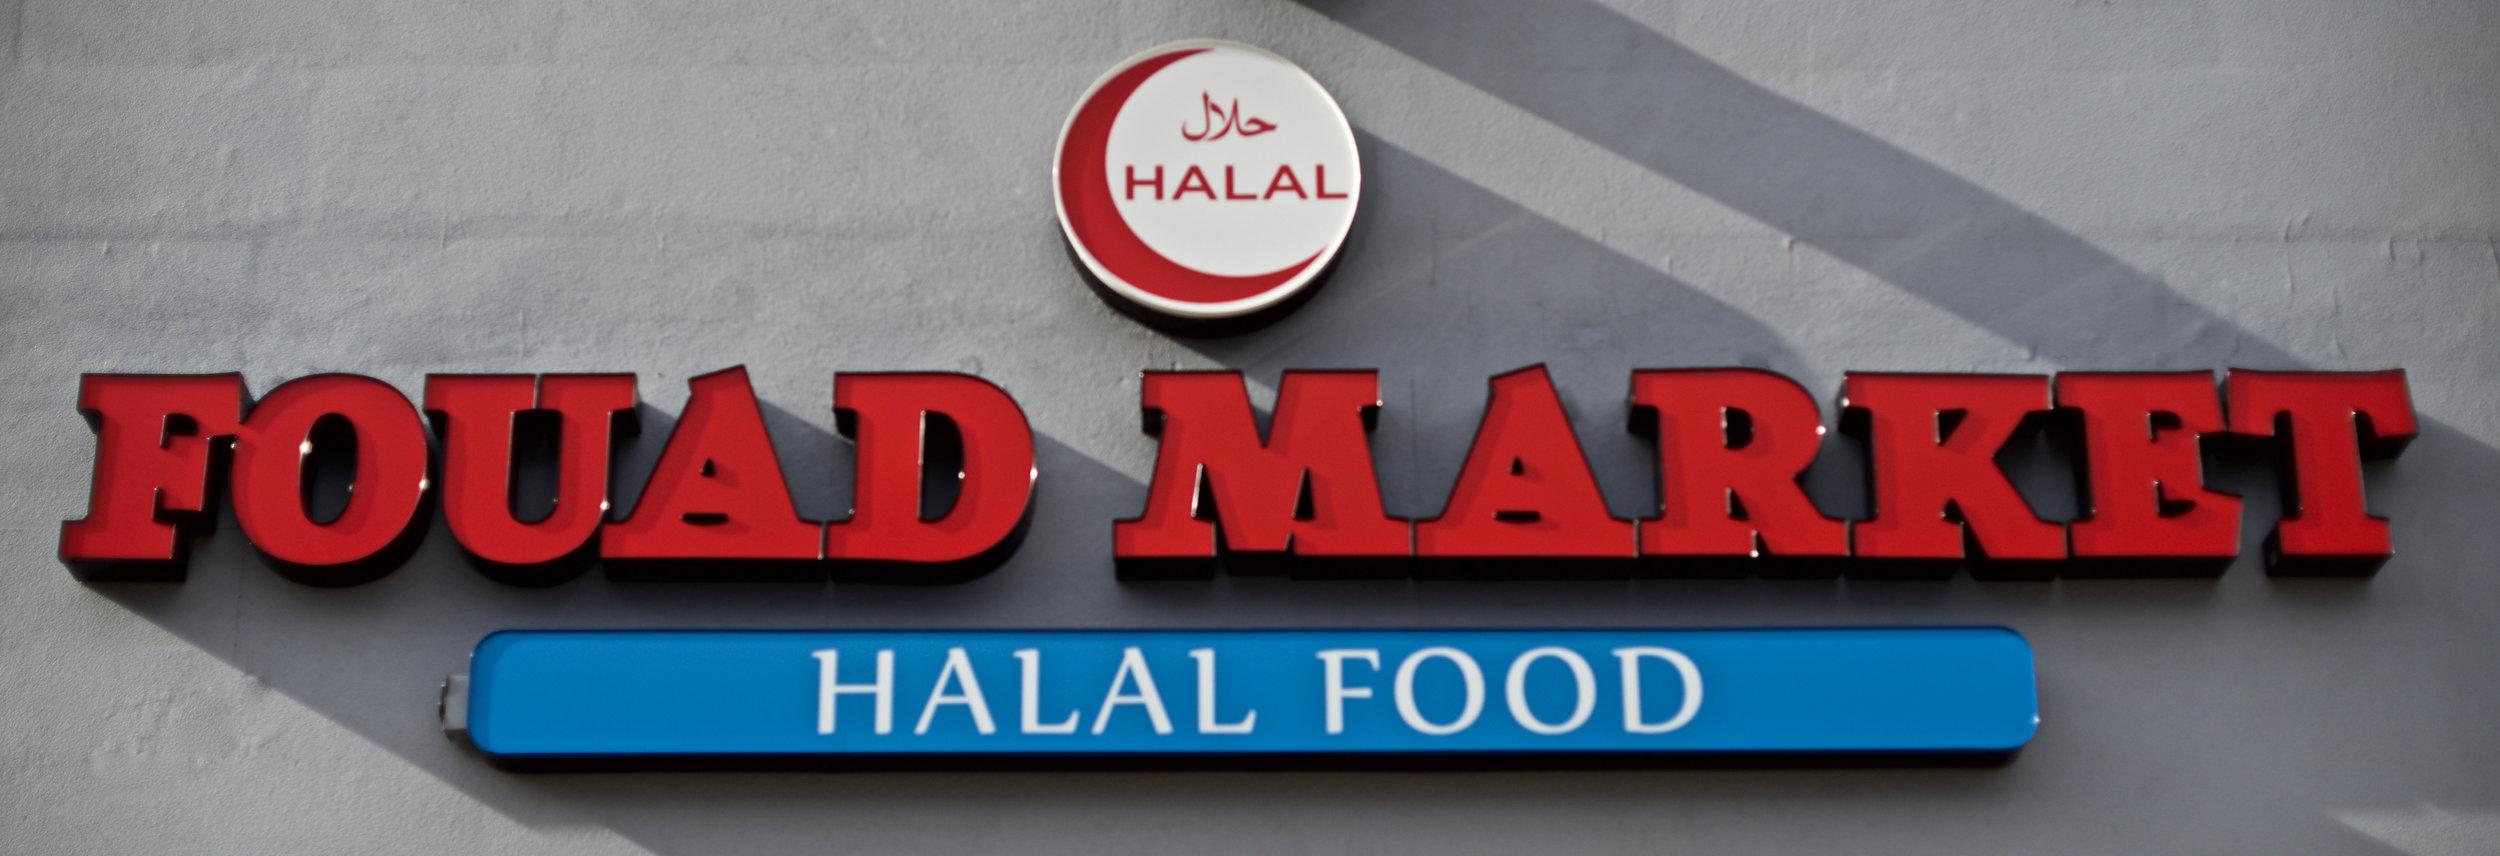 Fouad Market, Hala Food